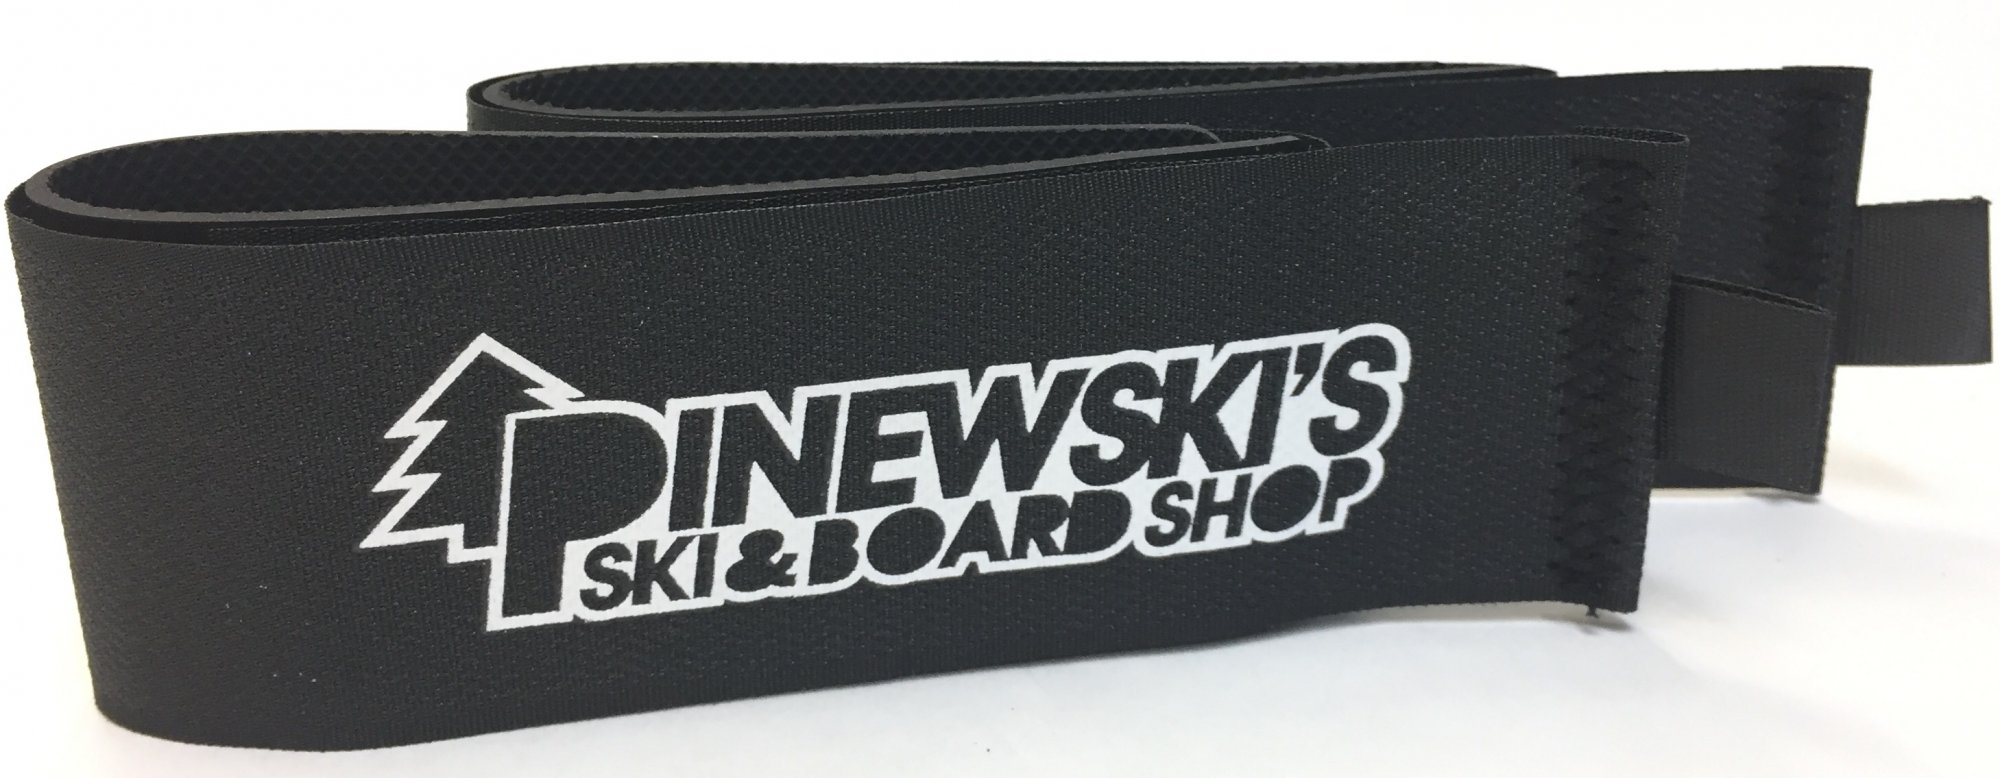 Pinewski's Ski Straps (PAIR)